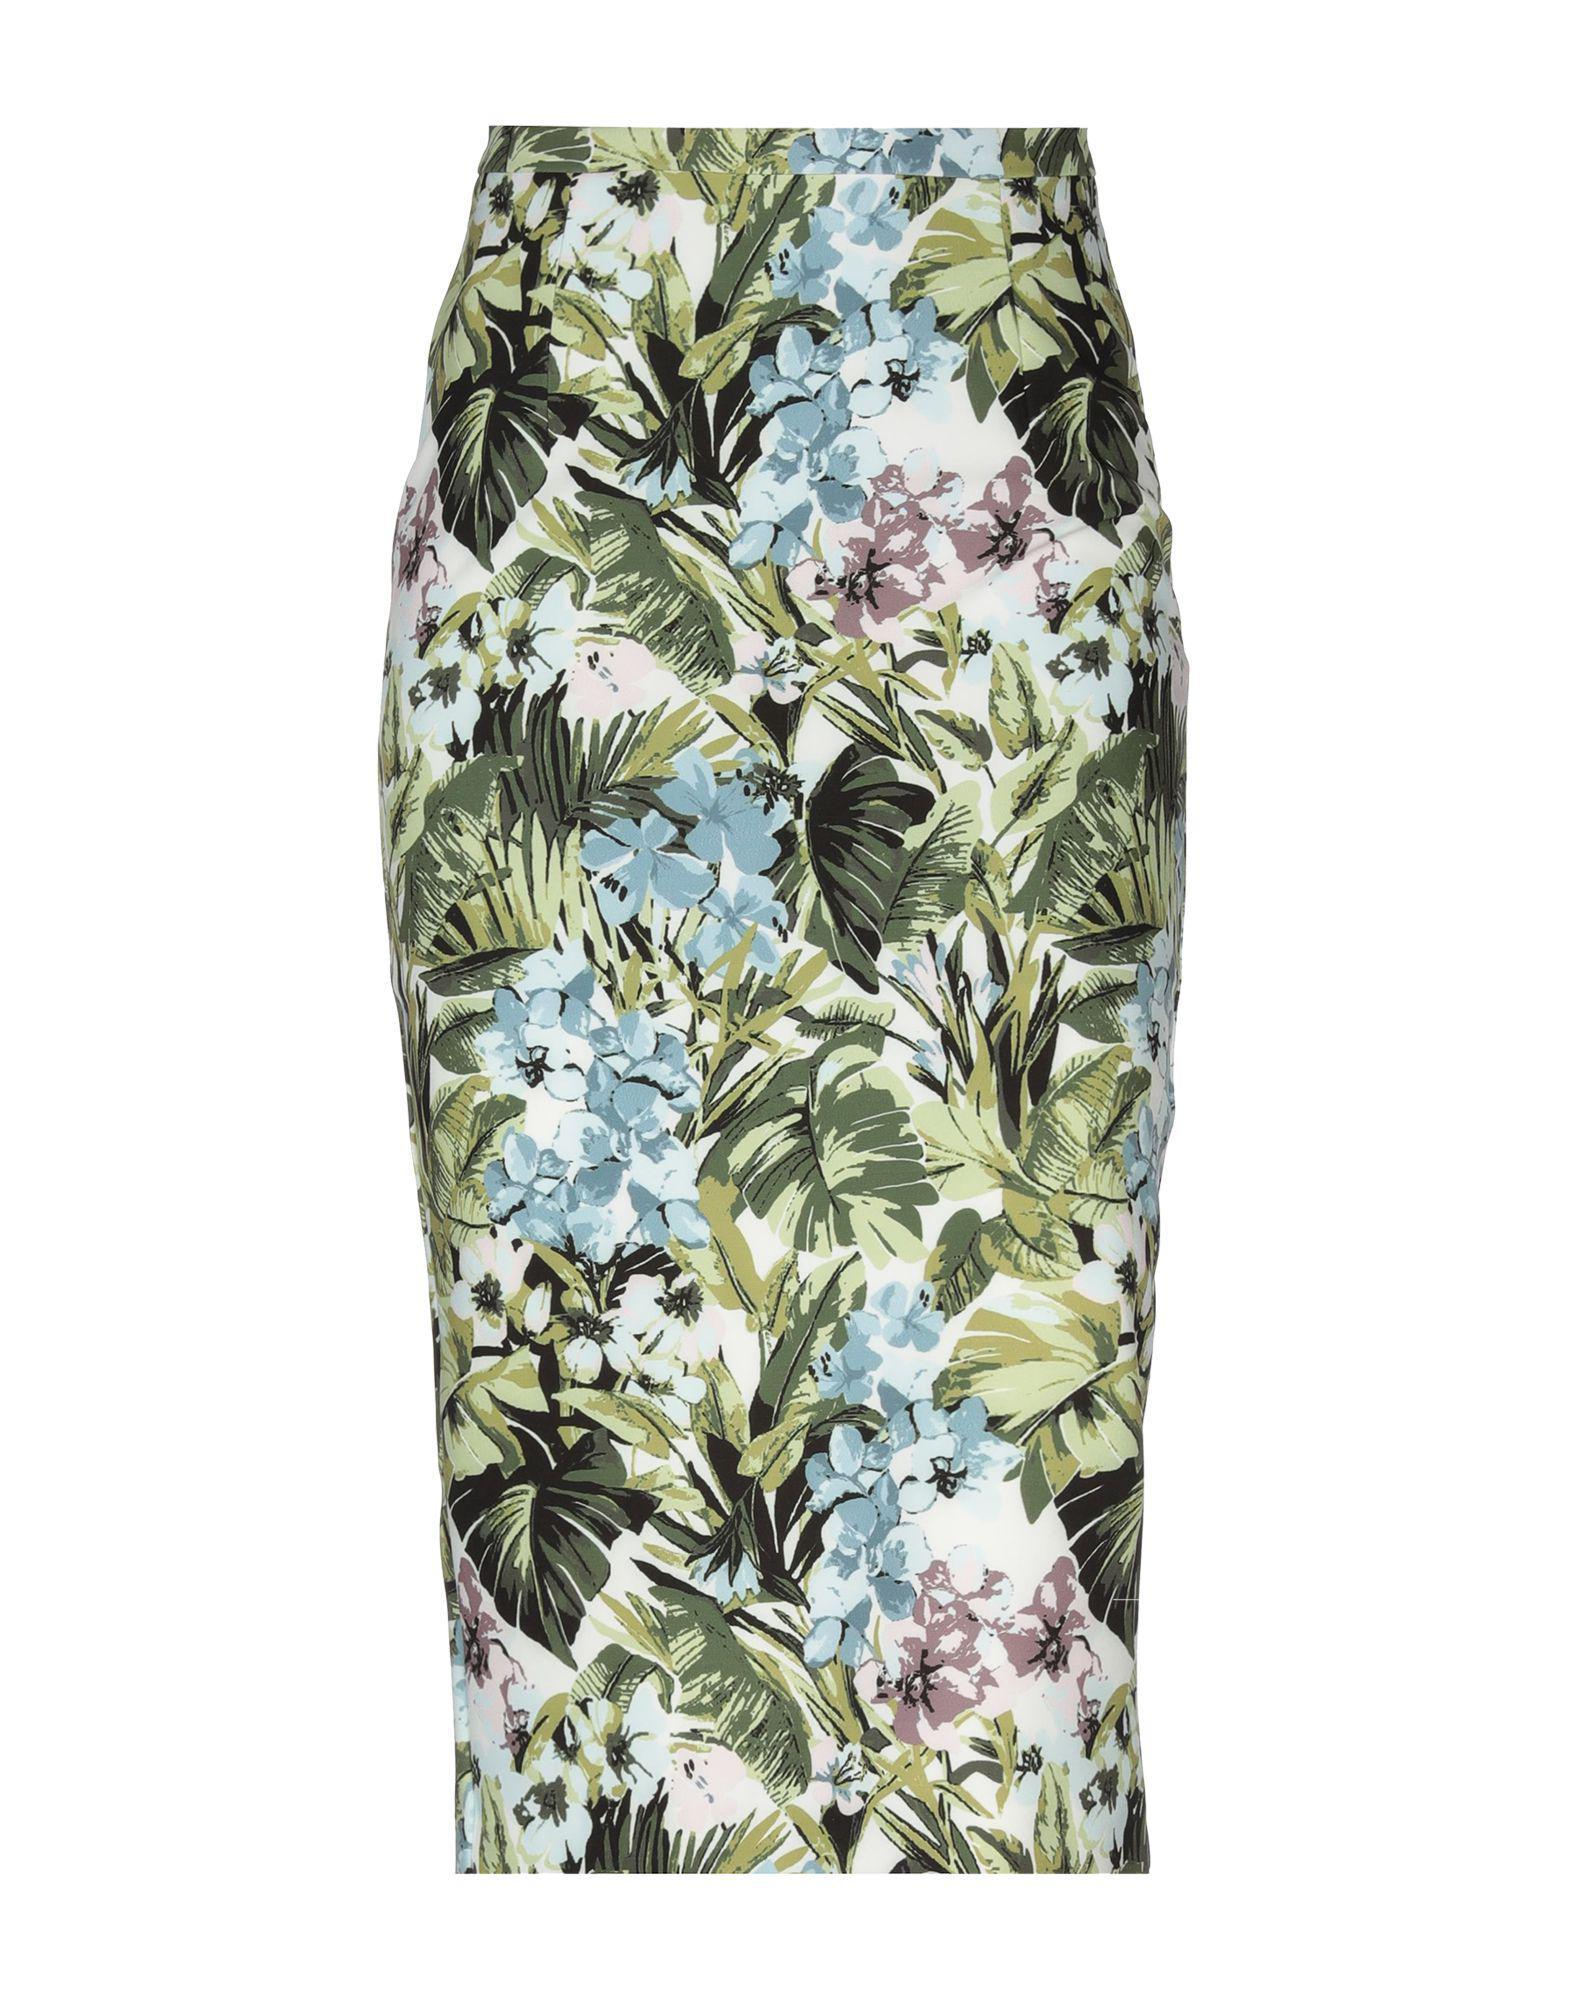 c9160616e0 Lyst - Pinko 3 4 Length Skirt in Green